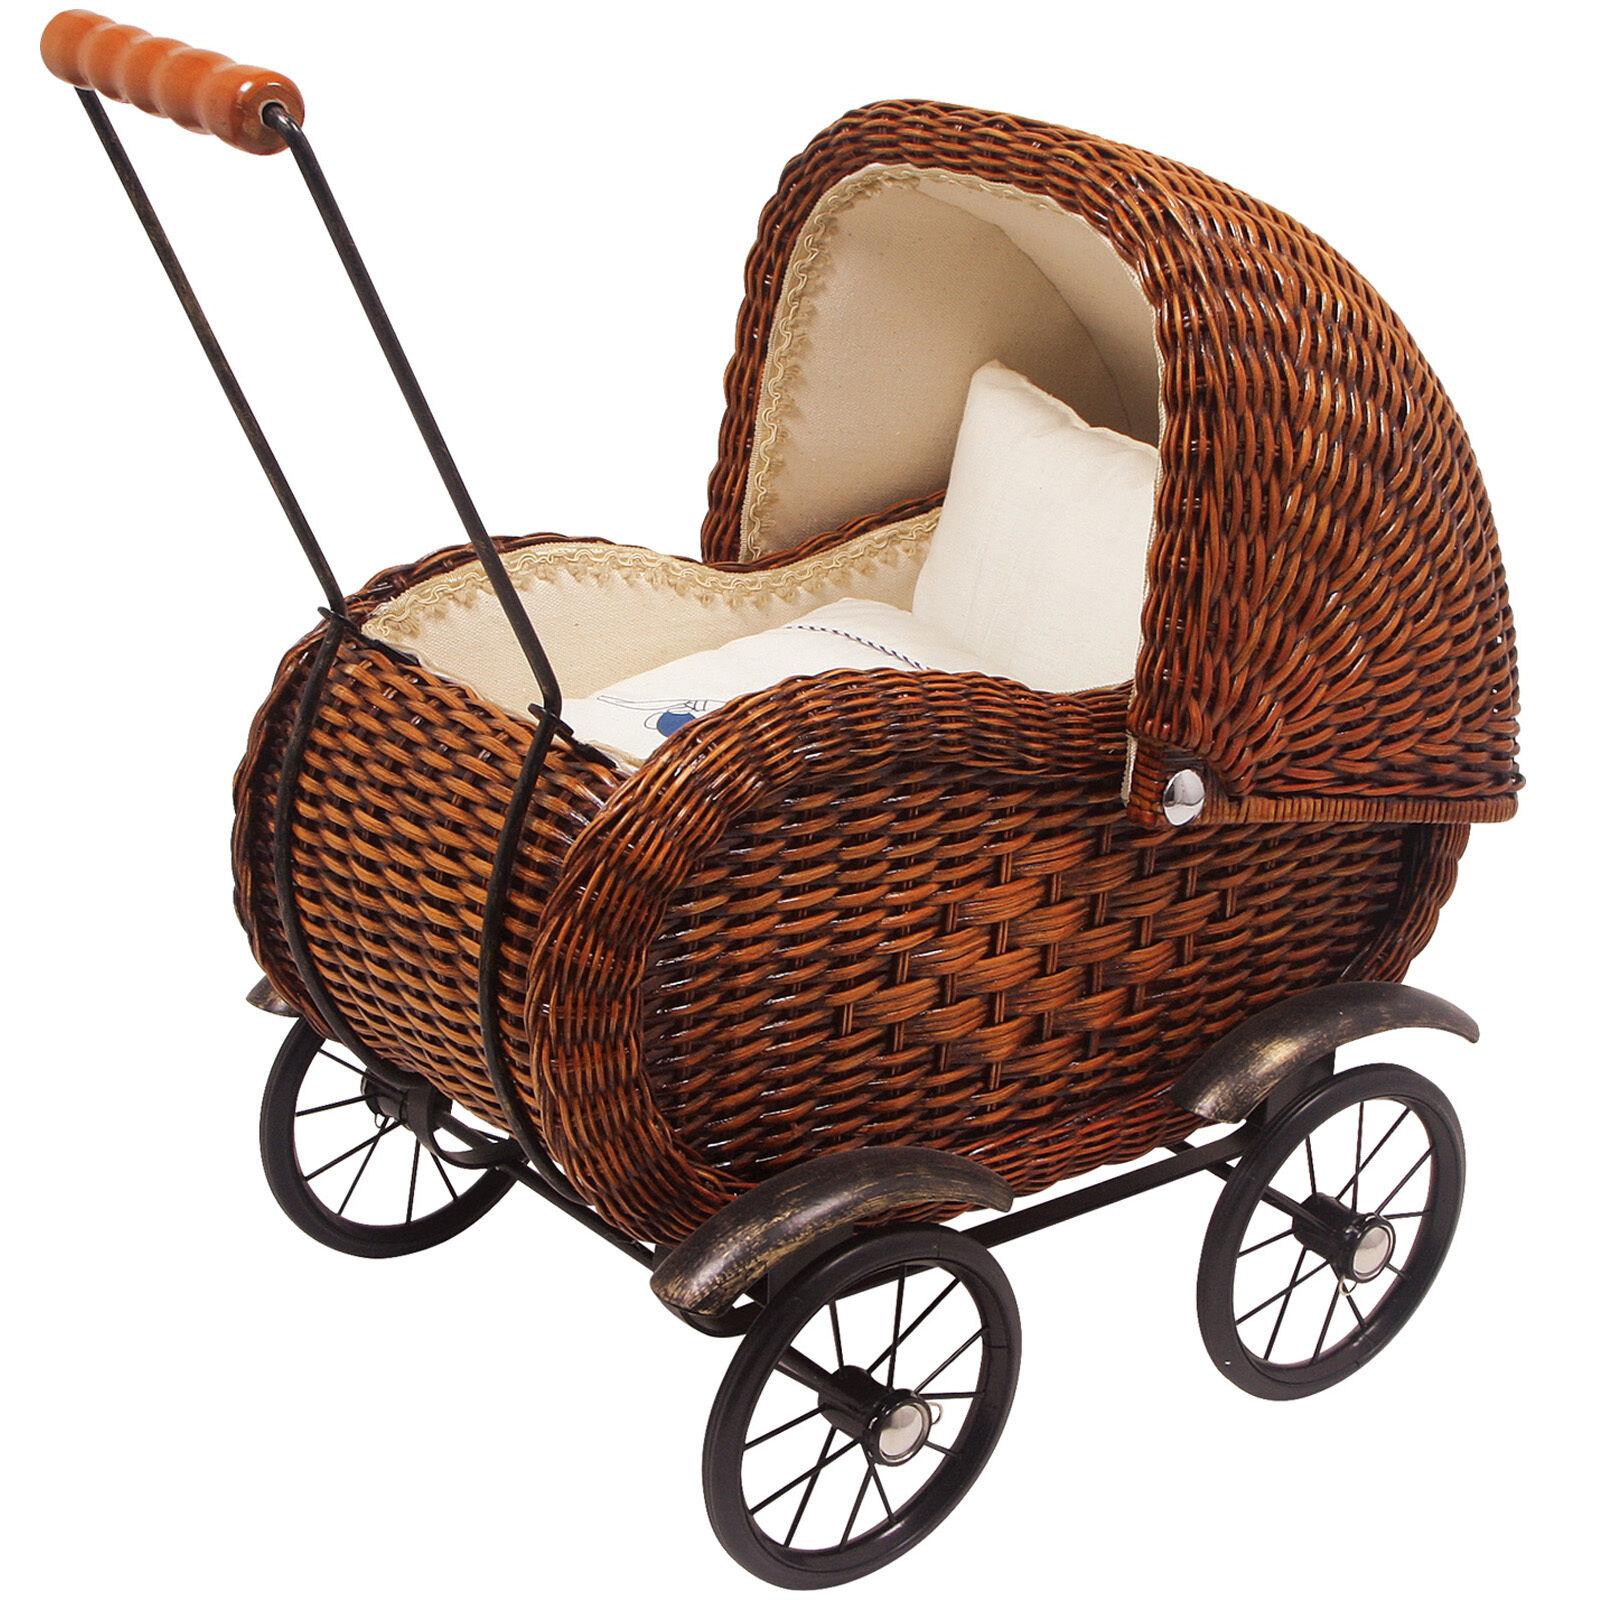 Carro de muñecas cesta juguetes juguetes cochecito con lavado de aprox. 59 x 50 cm nuevo